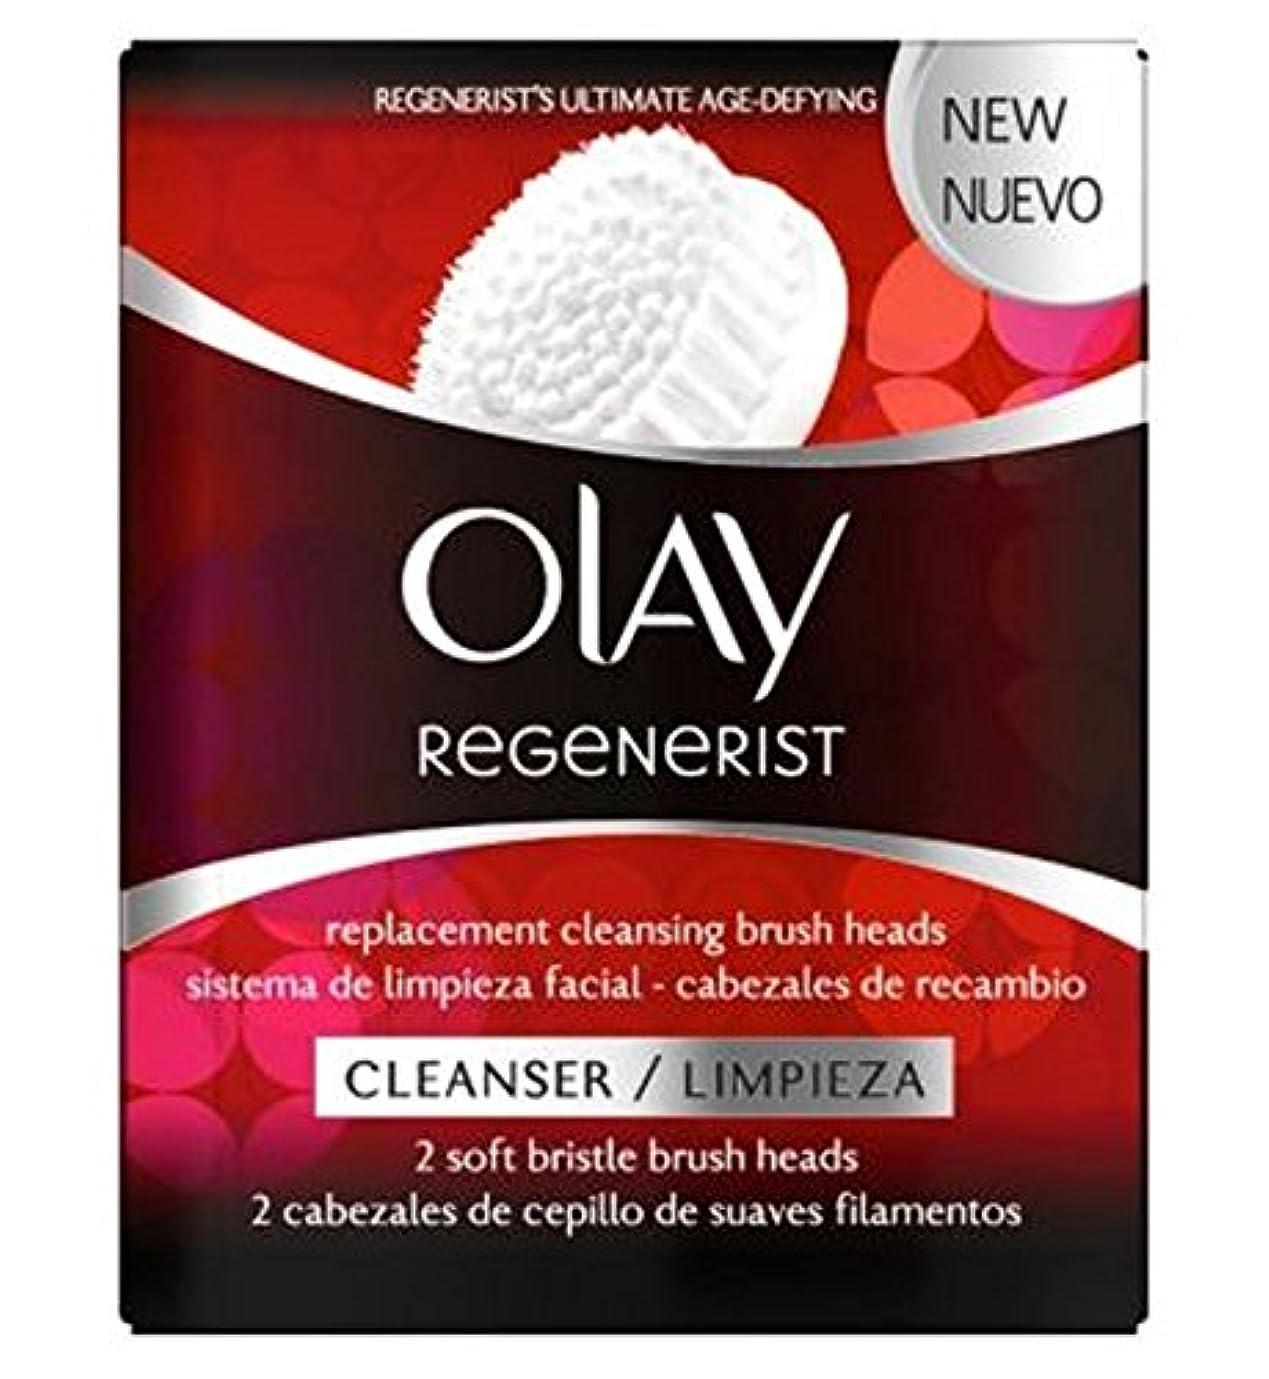 ロック化学者抵抗オーレイリジェネ2交換用クレンジングブラシヘッド (Olay) (x2) - Olay Regenerist 2 Replacement Cleansing Brush Heads (Pack of 2) [並行輸入品]